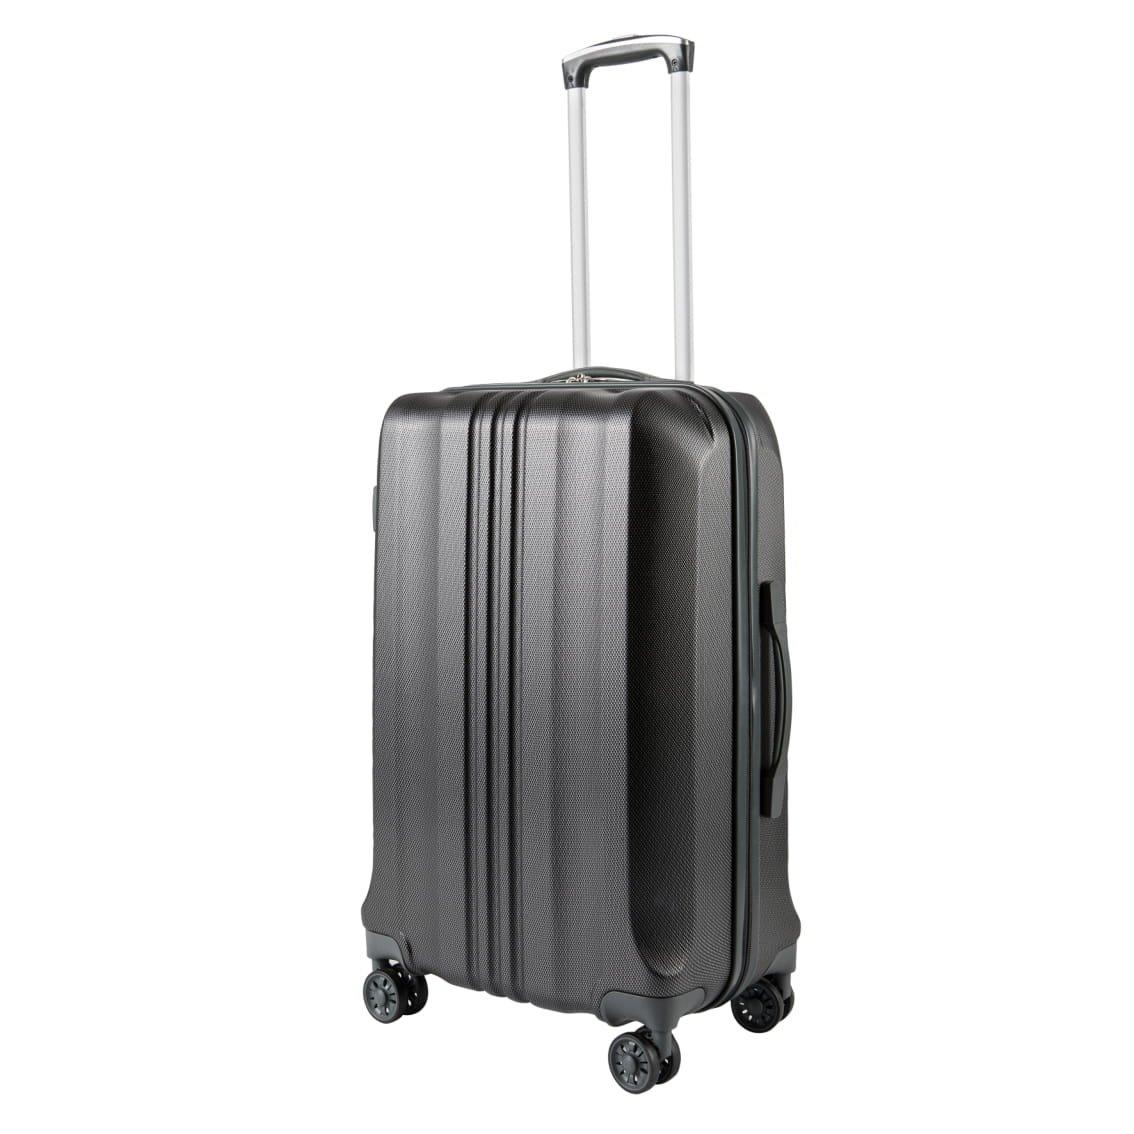 Pack.It Leichtgewichtiger Trolley mit ABS-Hartschale, als Kabinenhandgepäck Geeignet, um 360° Drehbare 4 Doppelrollen, Schwarz, Zugelassen für Ryanair, Easyjet und Lufthansa